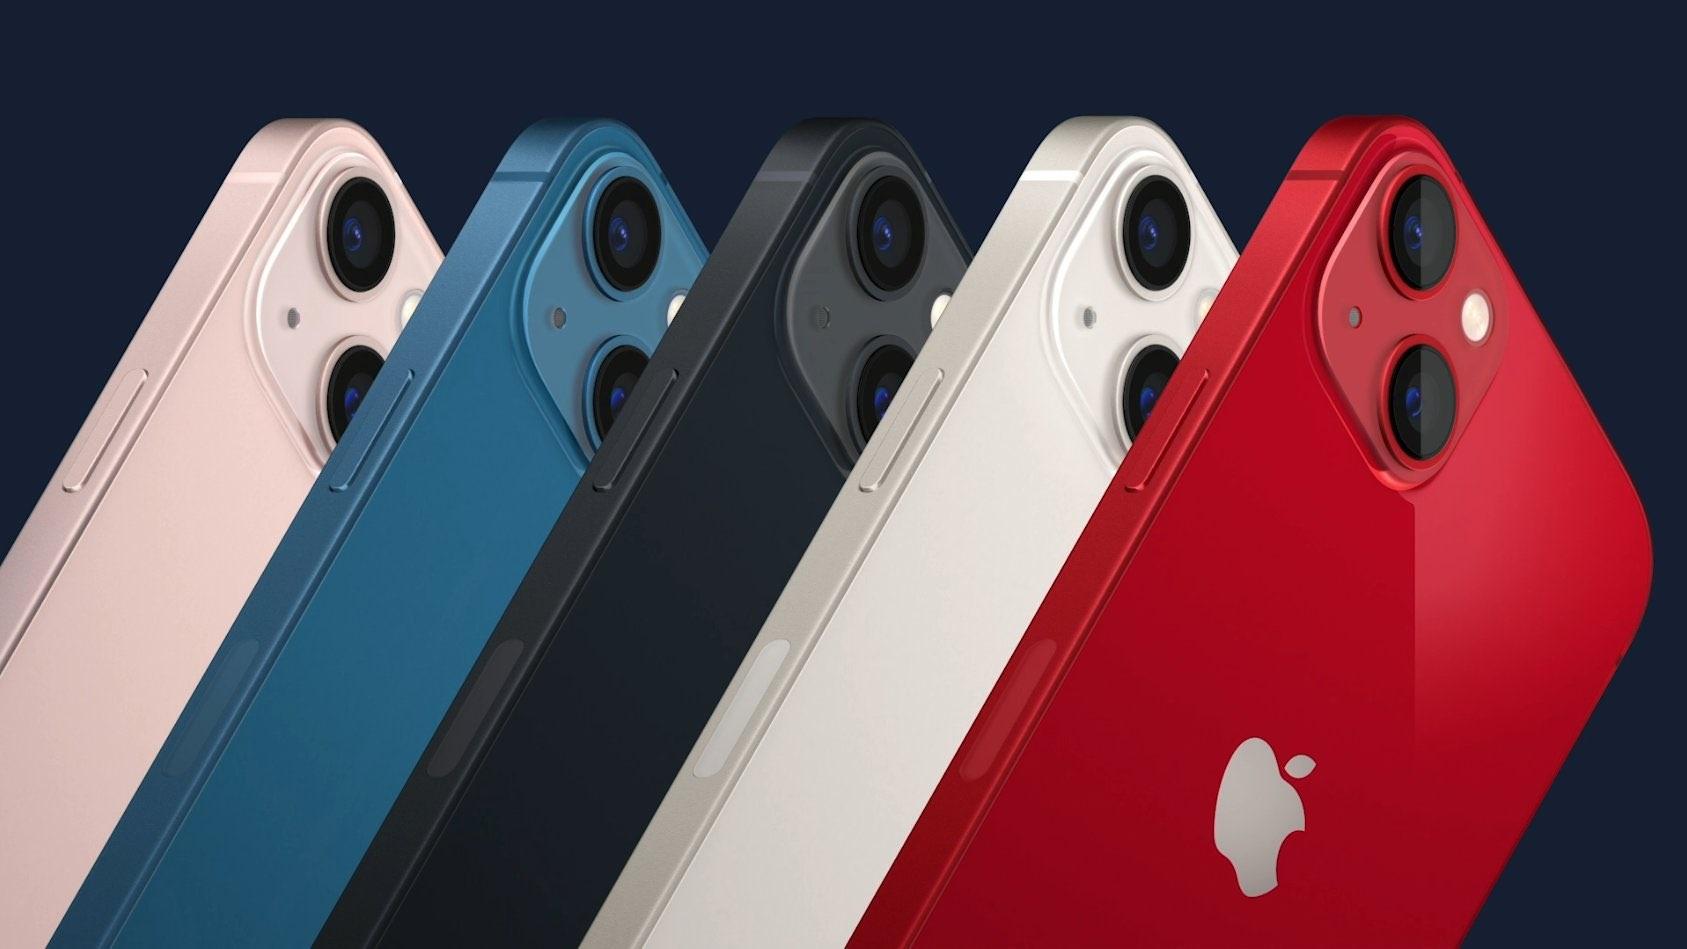 Apple iPhone 13 mini & iPhone 13 tanıtıldı! İşte fiyatı, tasarımı ve özellikleri